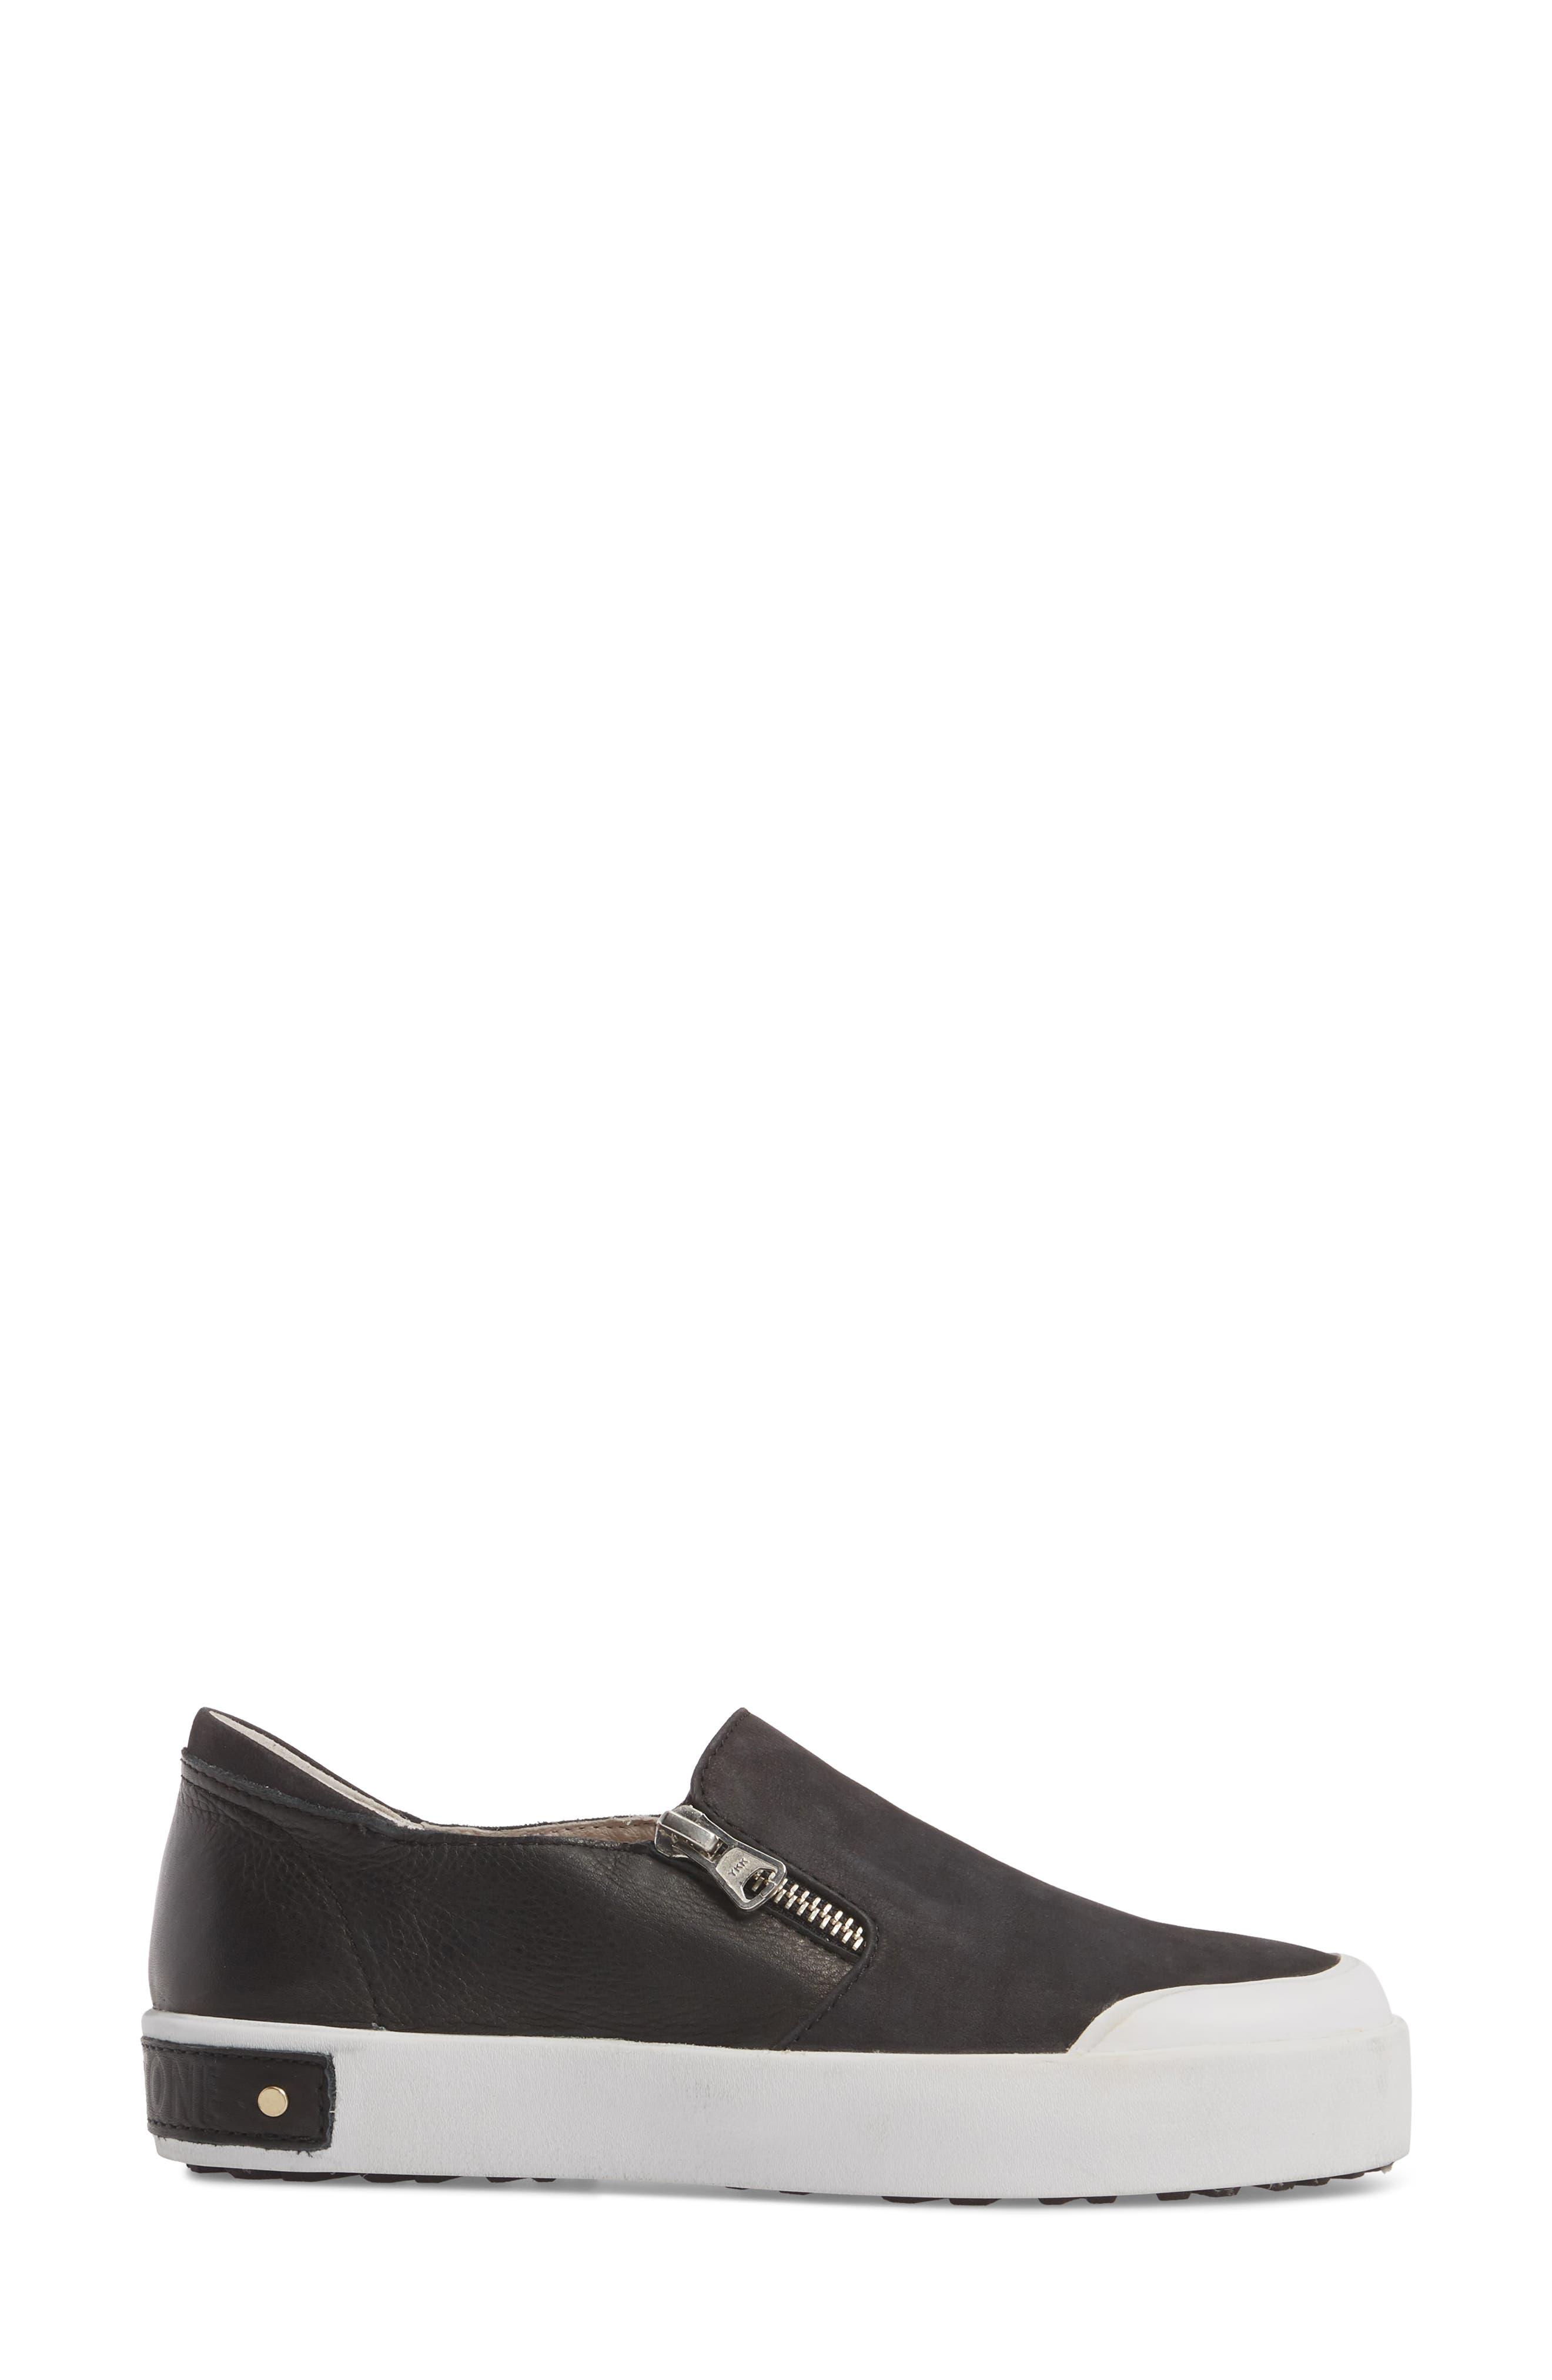 PL82 Slip-On Sneaker,                             Alternate thumbnail 3, color,                             BLACK LEATHER